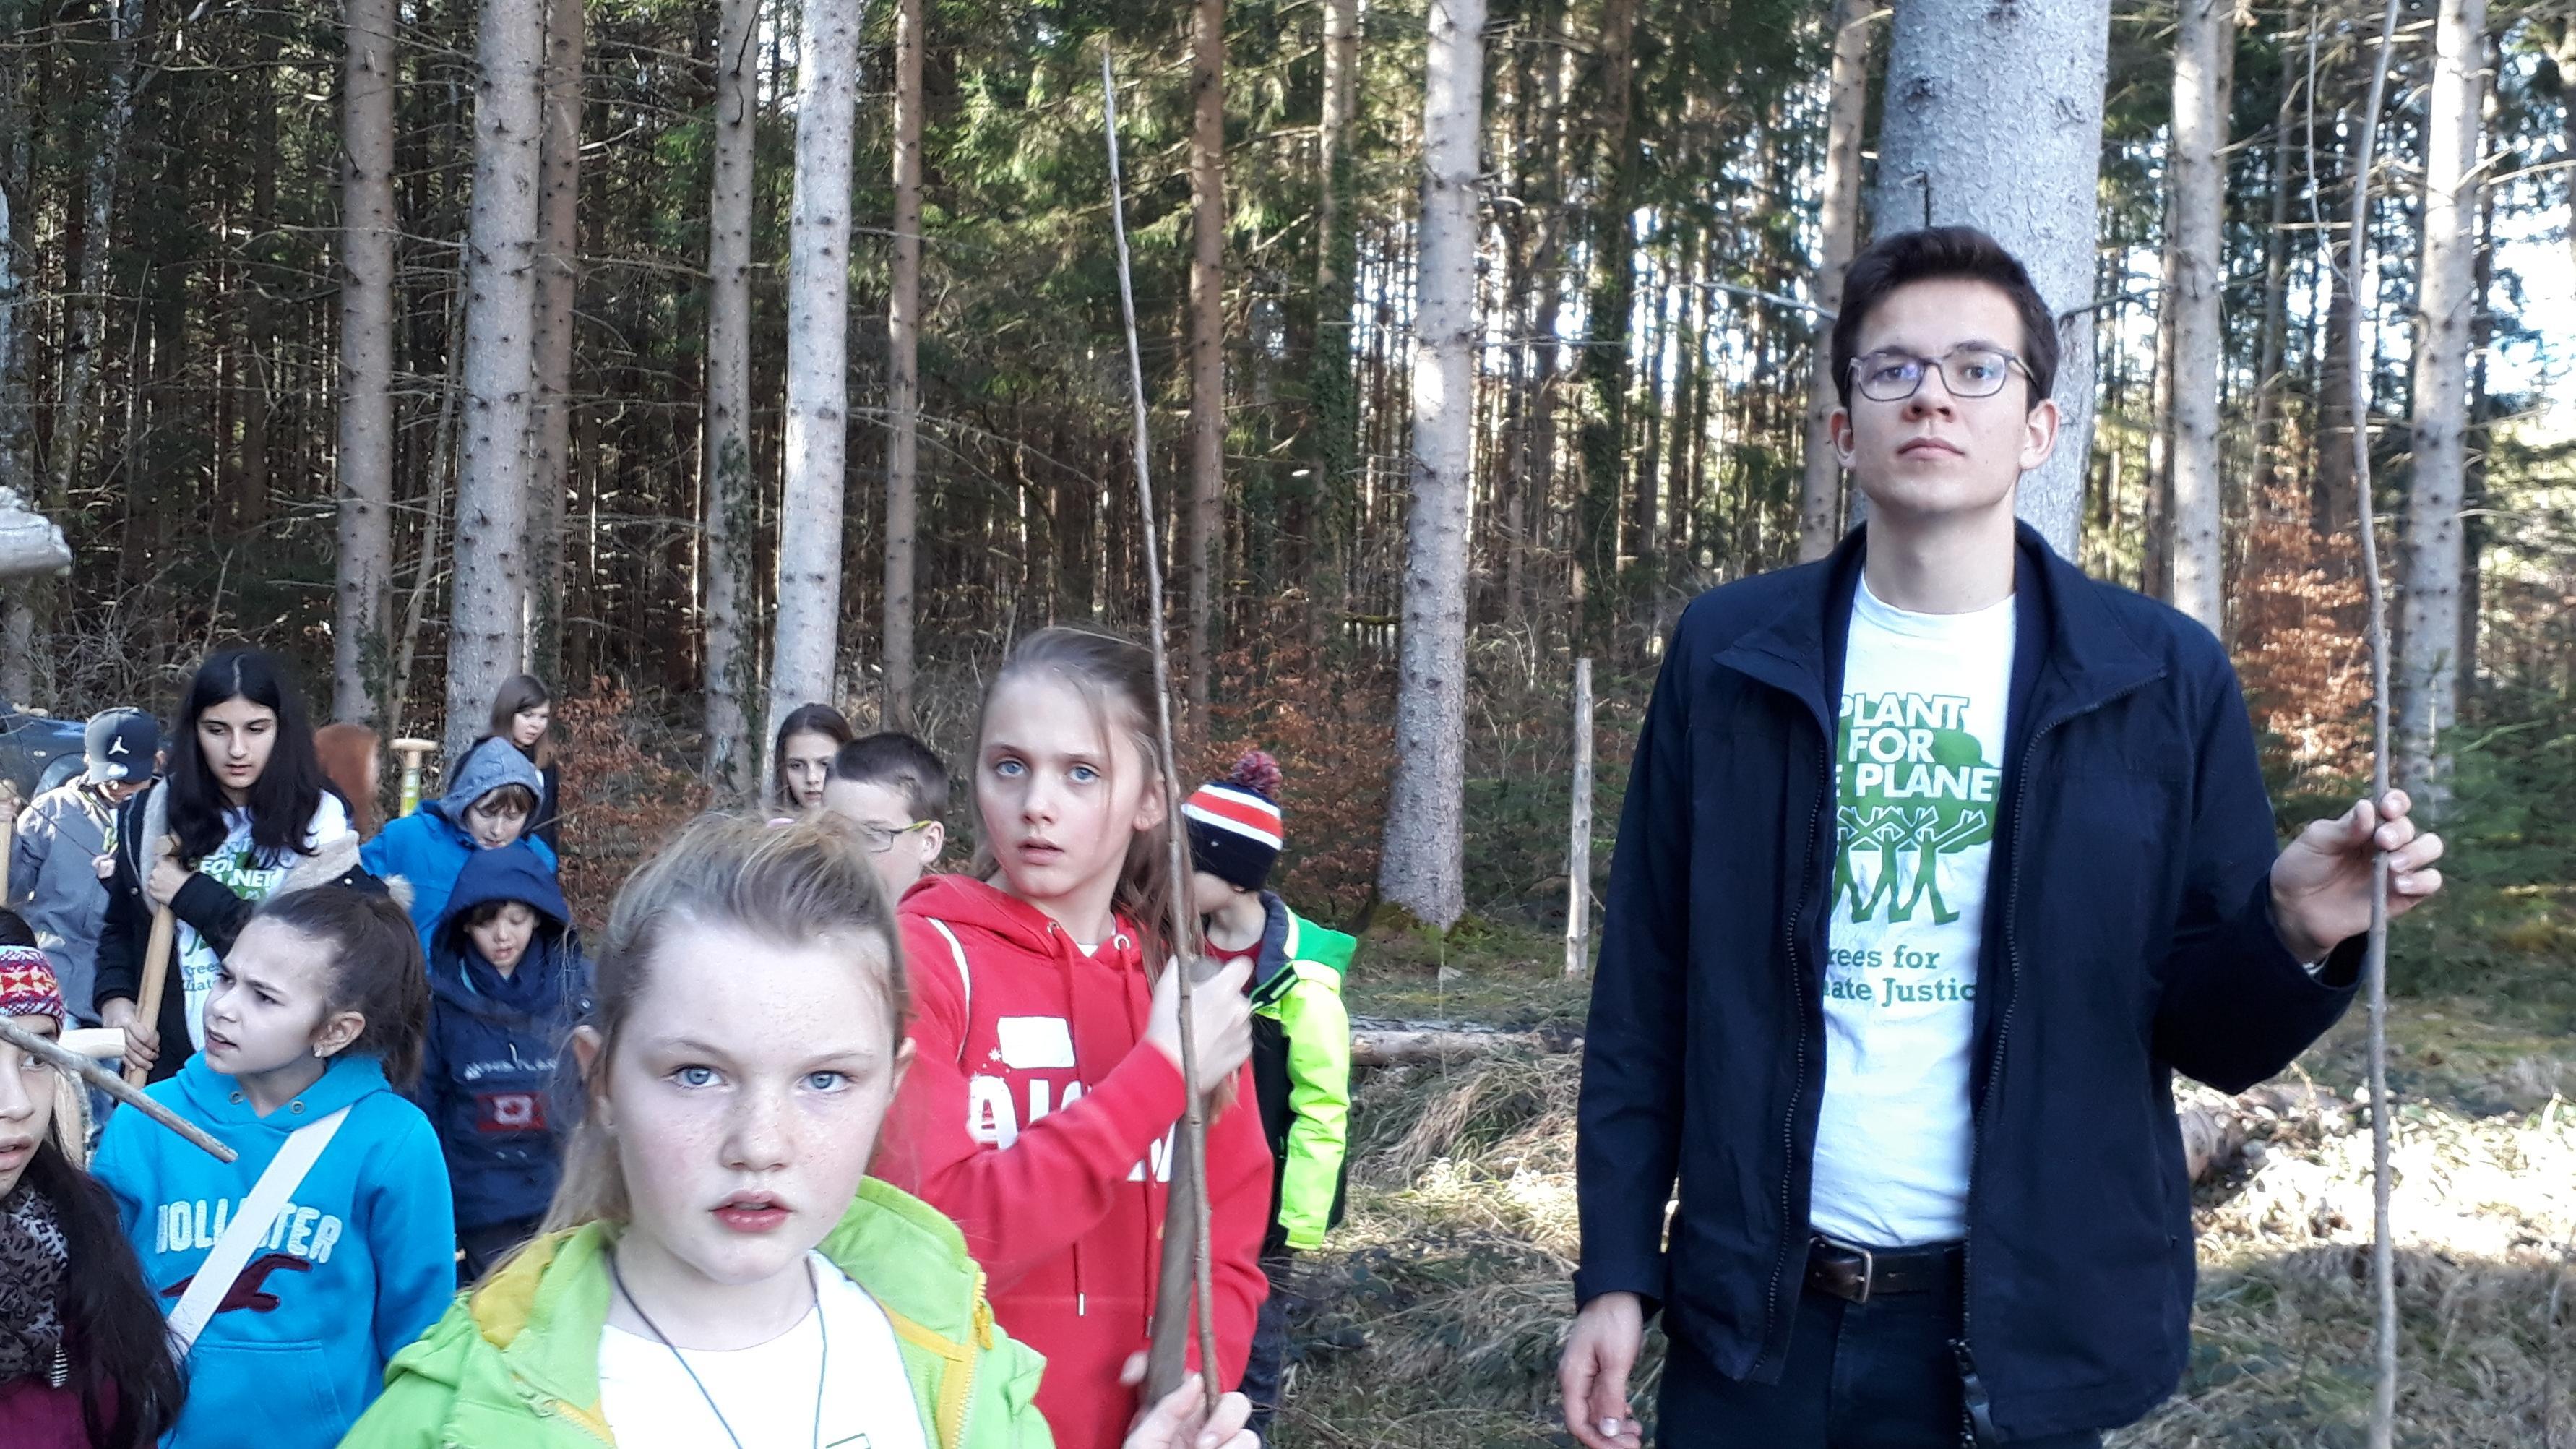 Plant-for-the-planet-Gründer Felix Finkbeiner beim Bäume pflanzen am Ammersee.